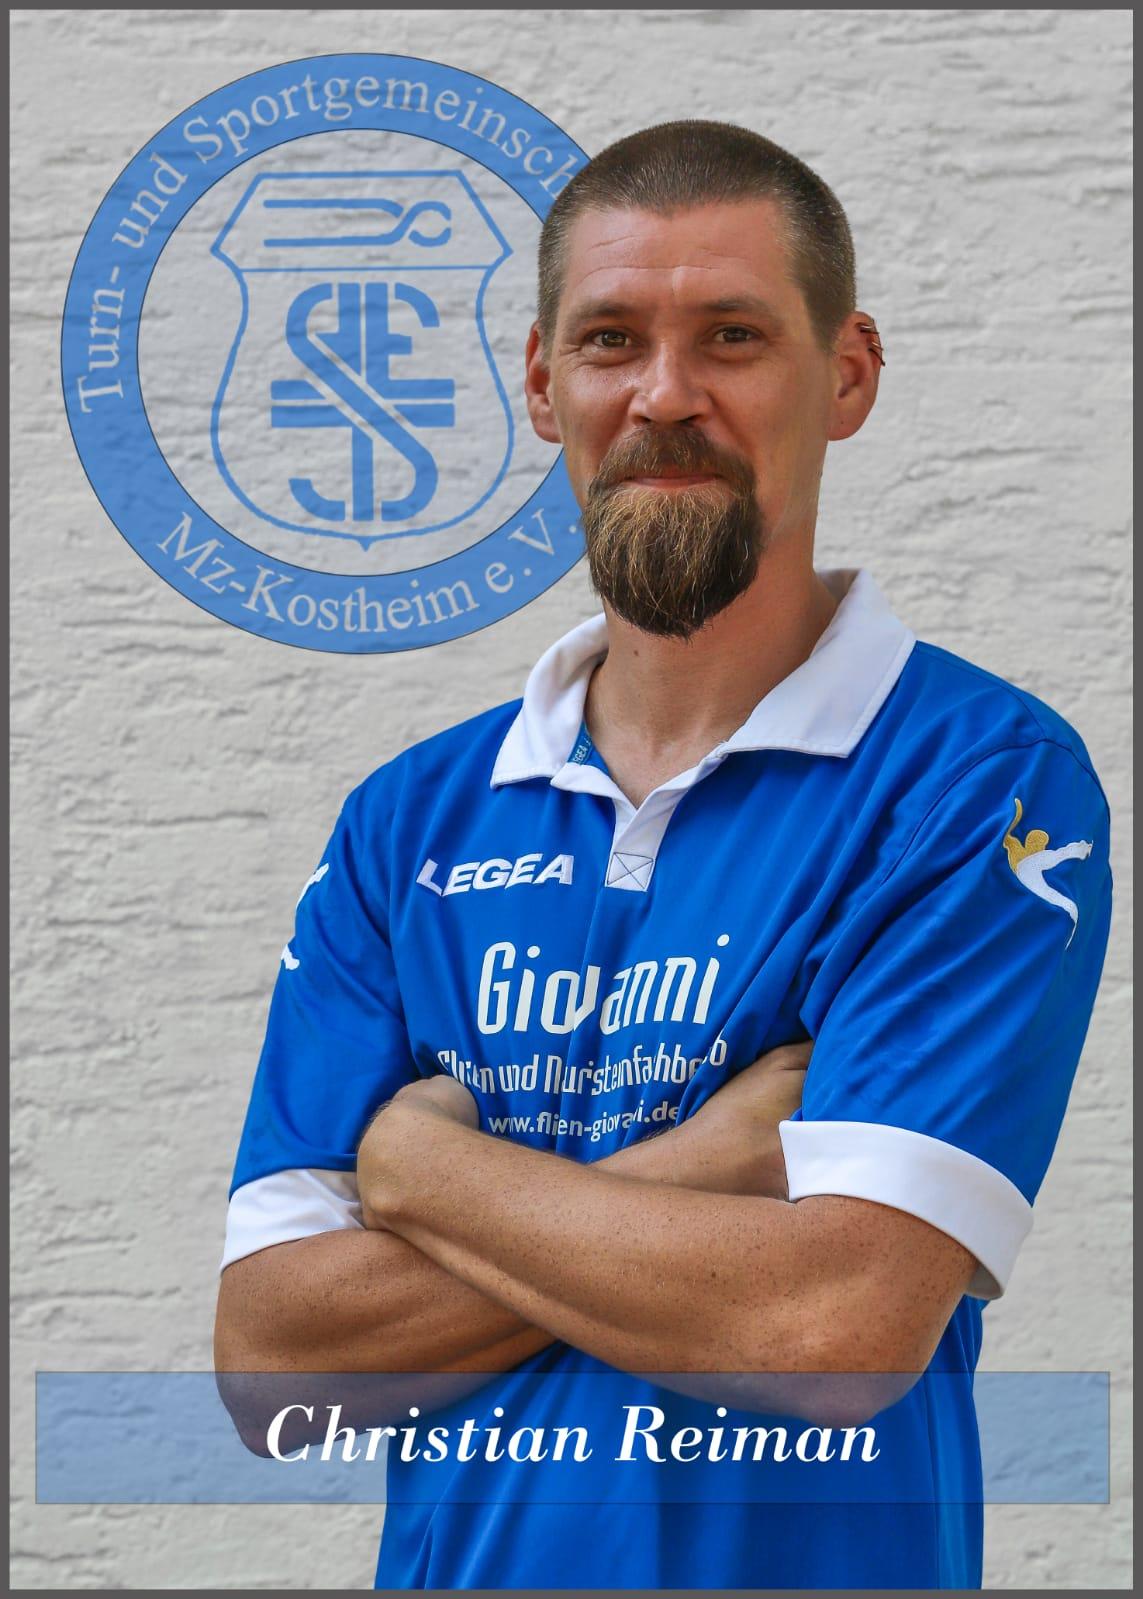 Christian Reimann